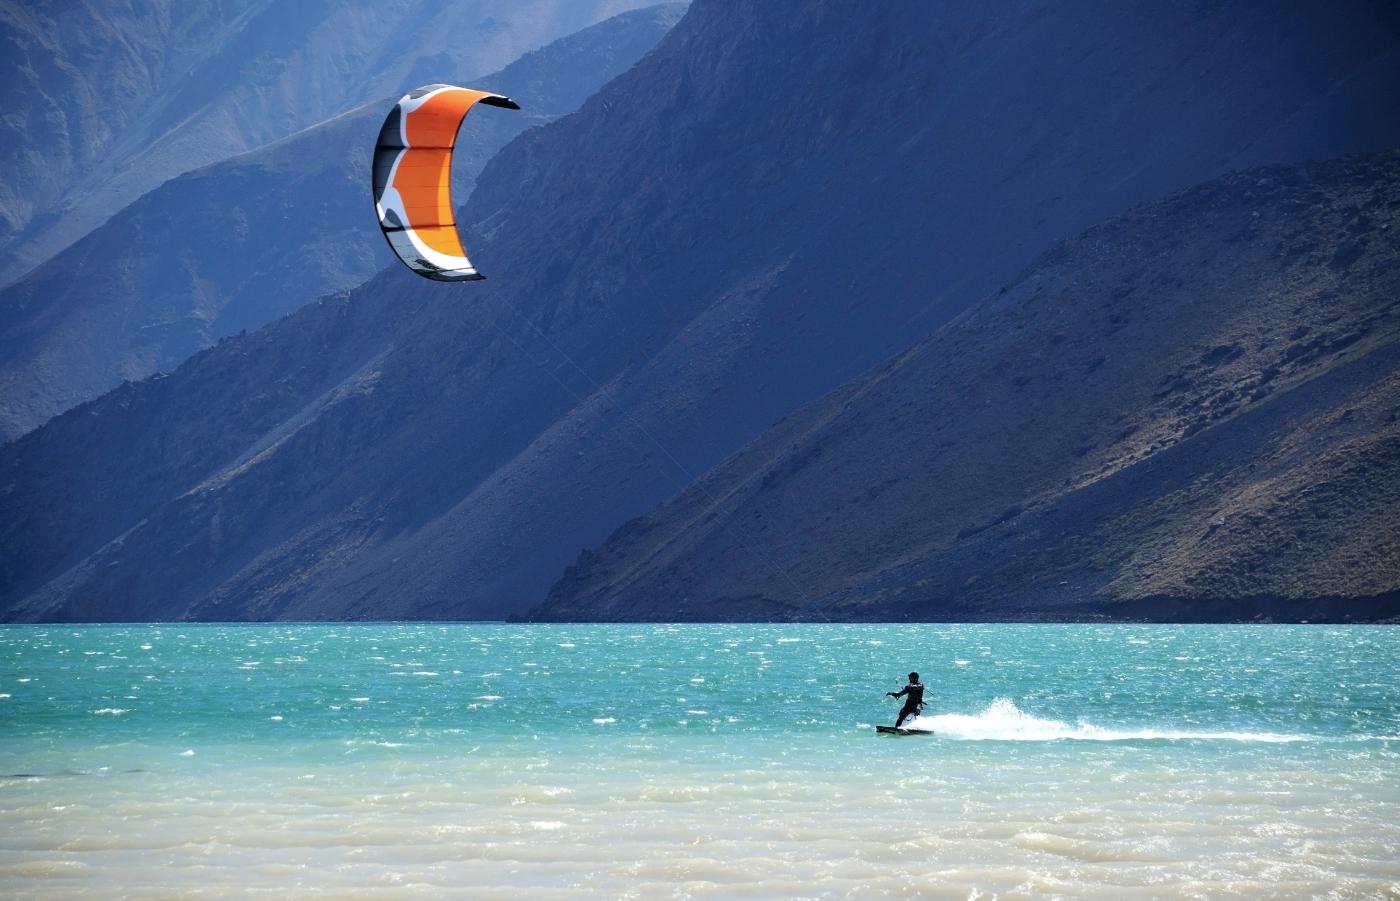 deportes de viento- kitesurf en Chile